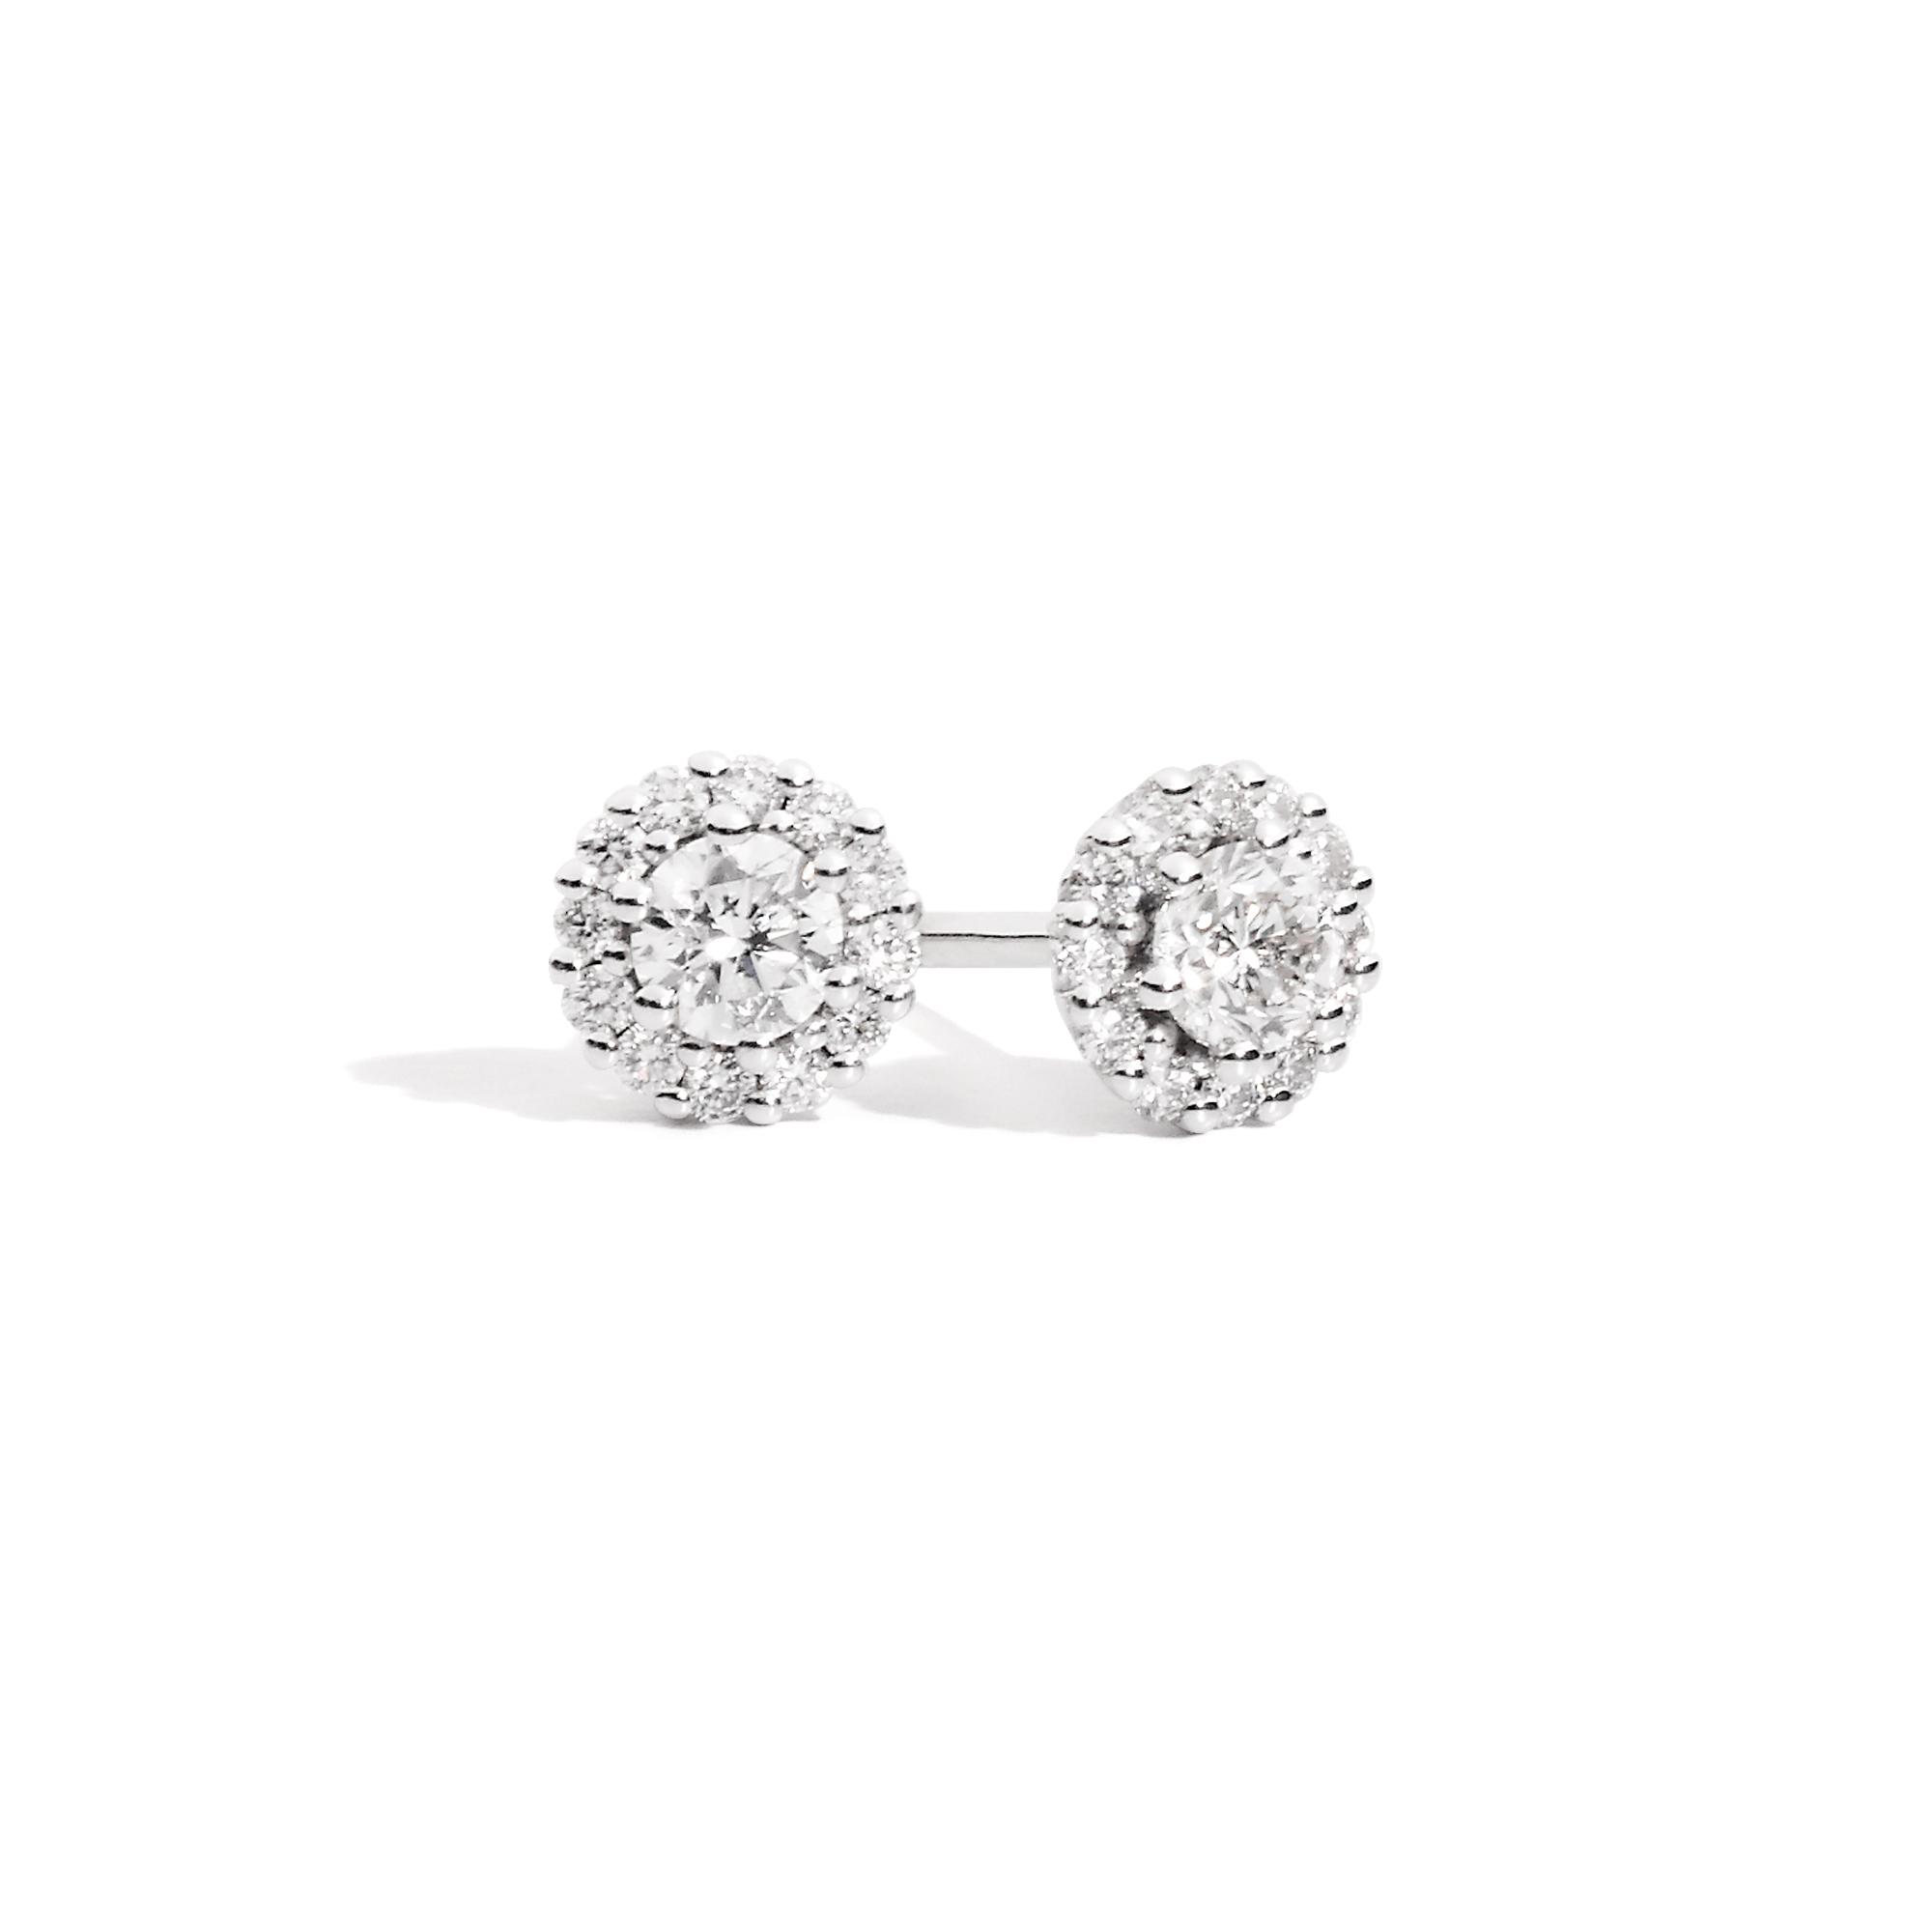 Orecchini punto luce con contorno in diamanti - SOFIA